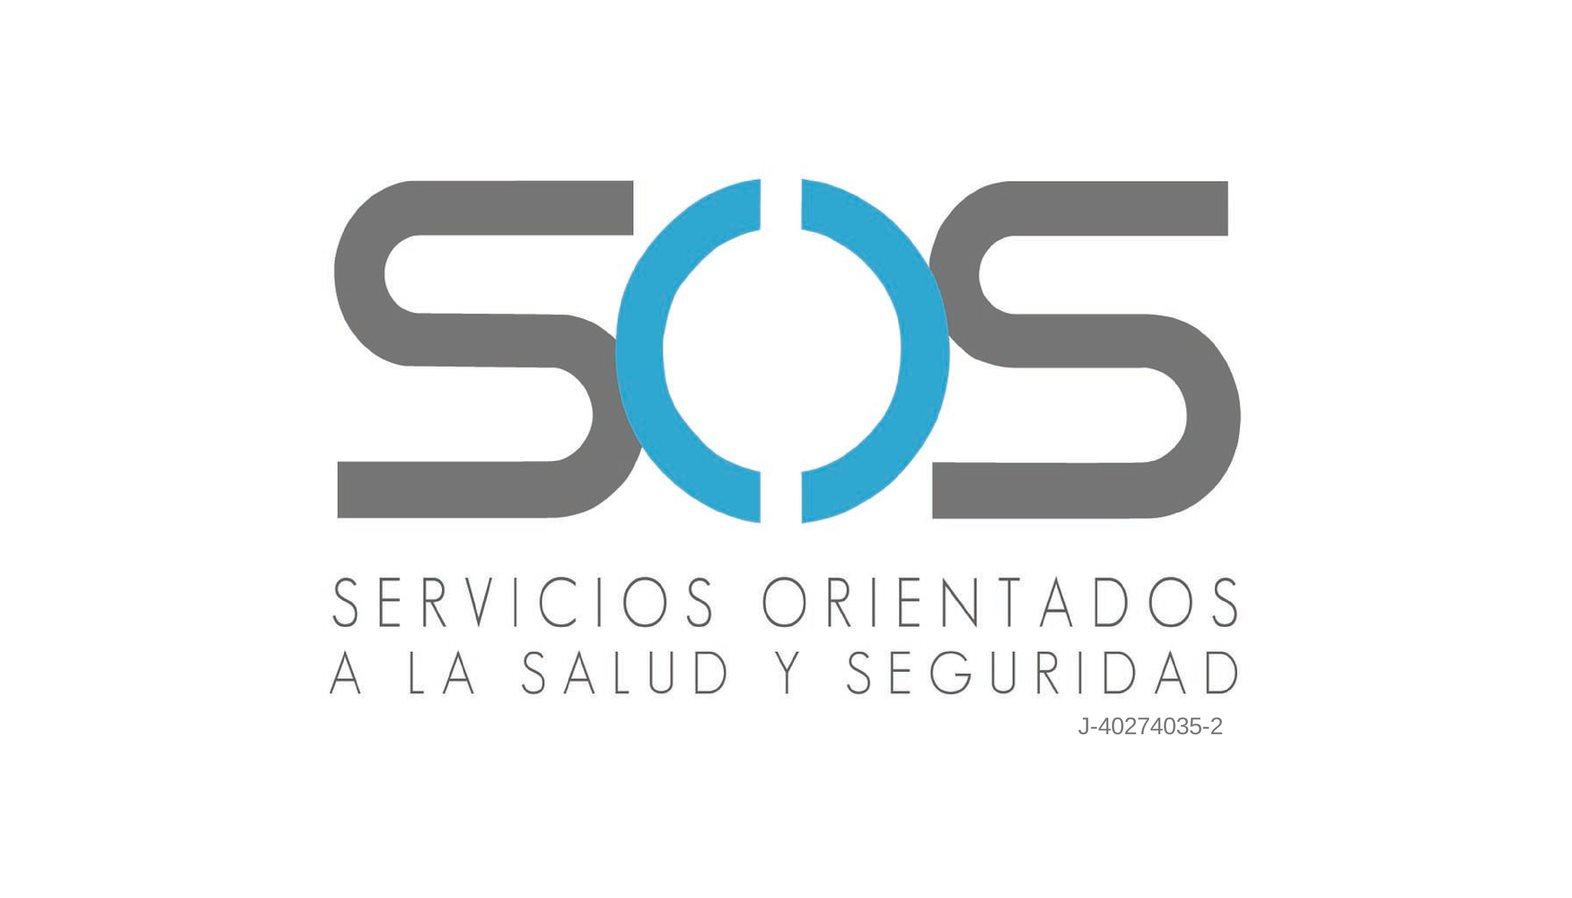 Servicios orientados a la Salud y Seguridad, C.A